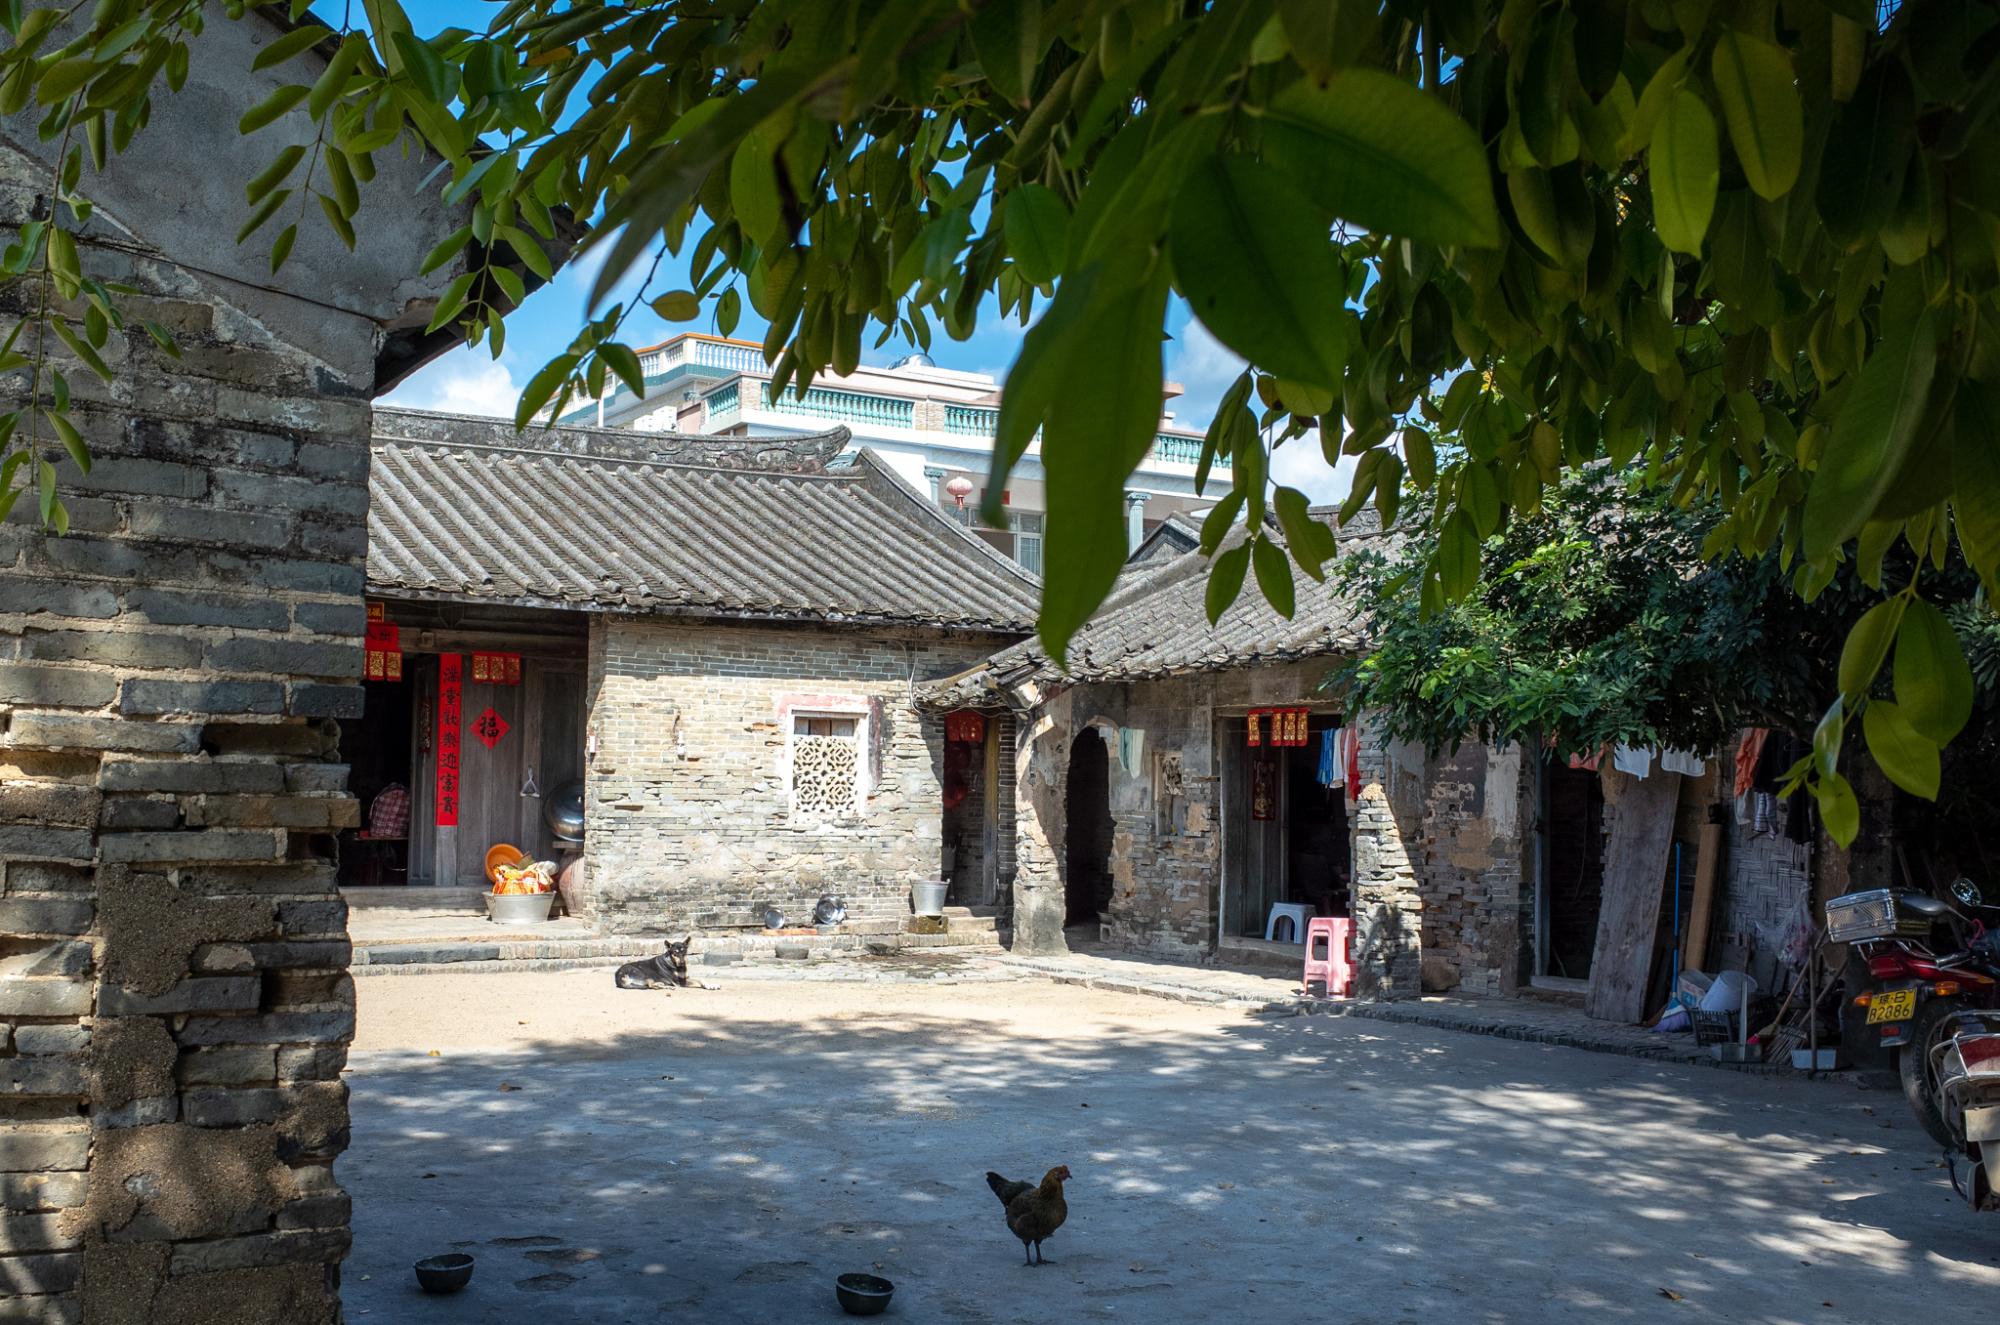 三亚崖州,被忽略的文化旅游胜地,中国最南端的千年古城所在地